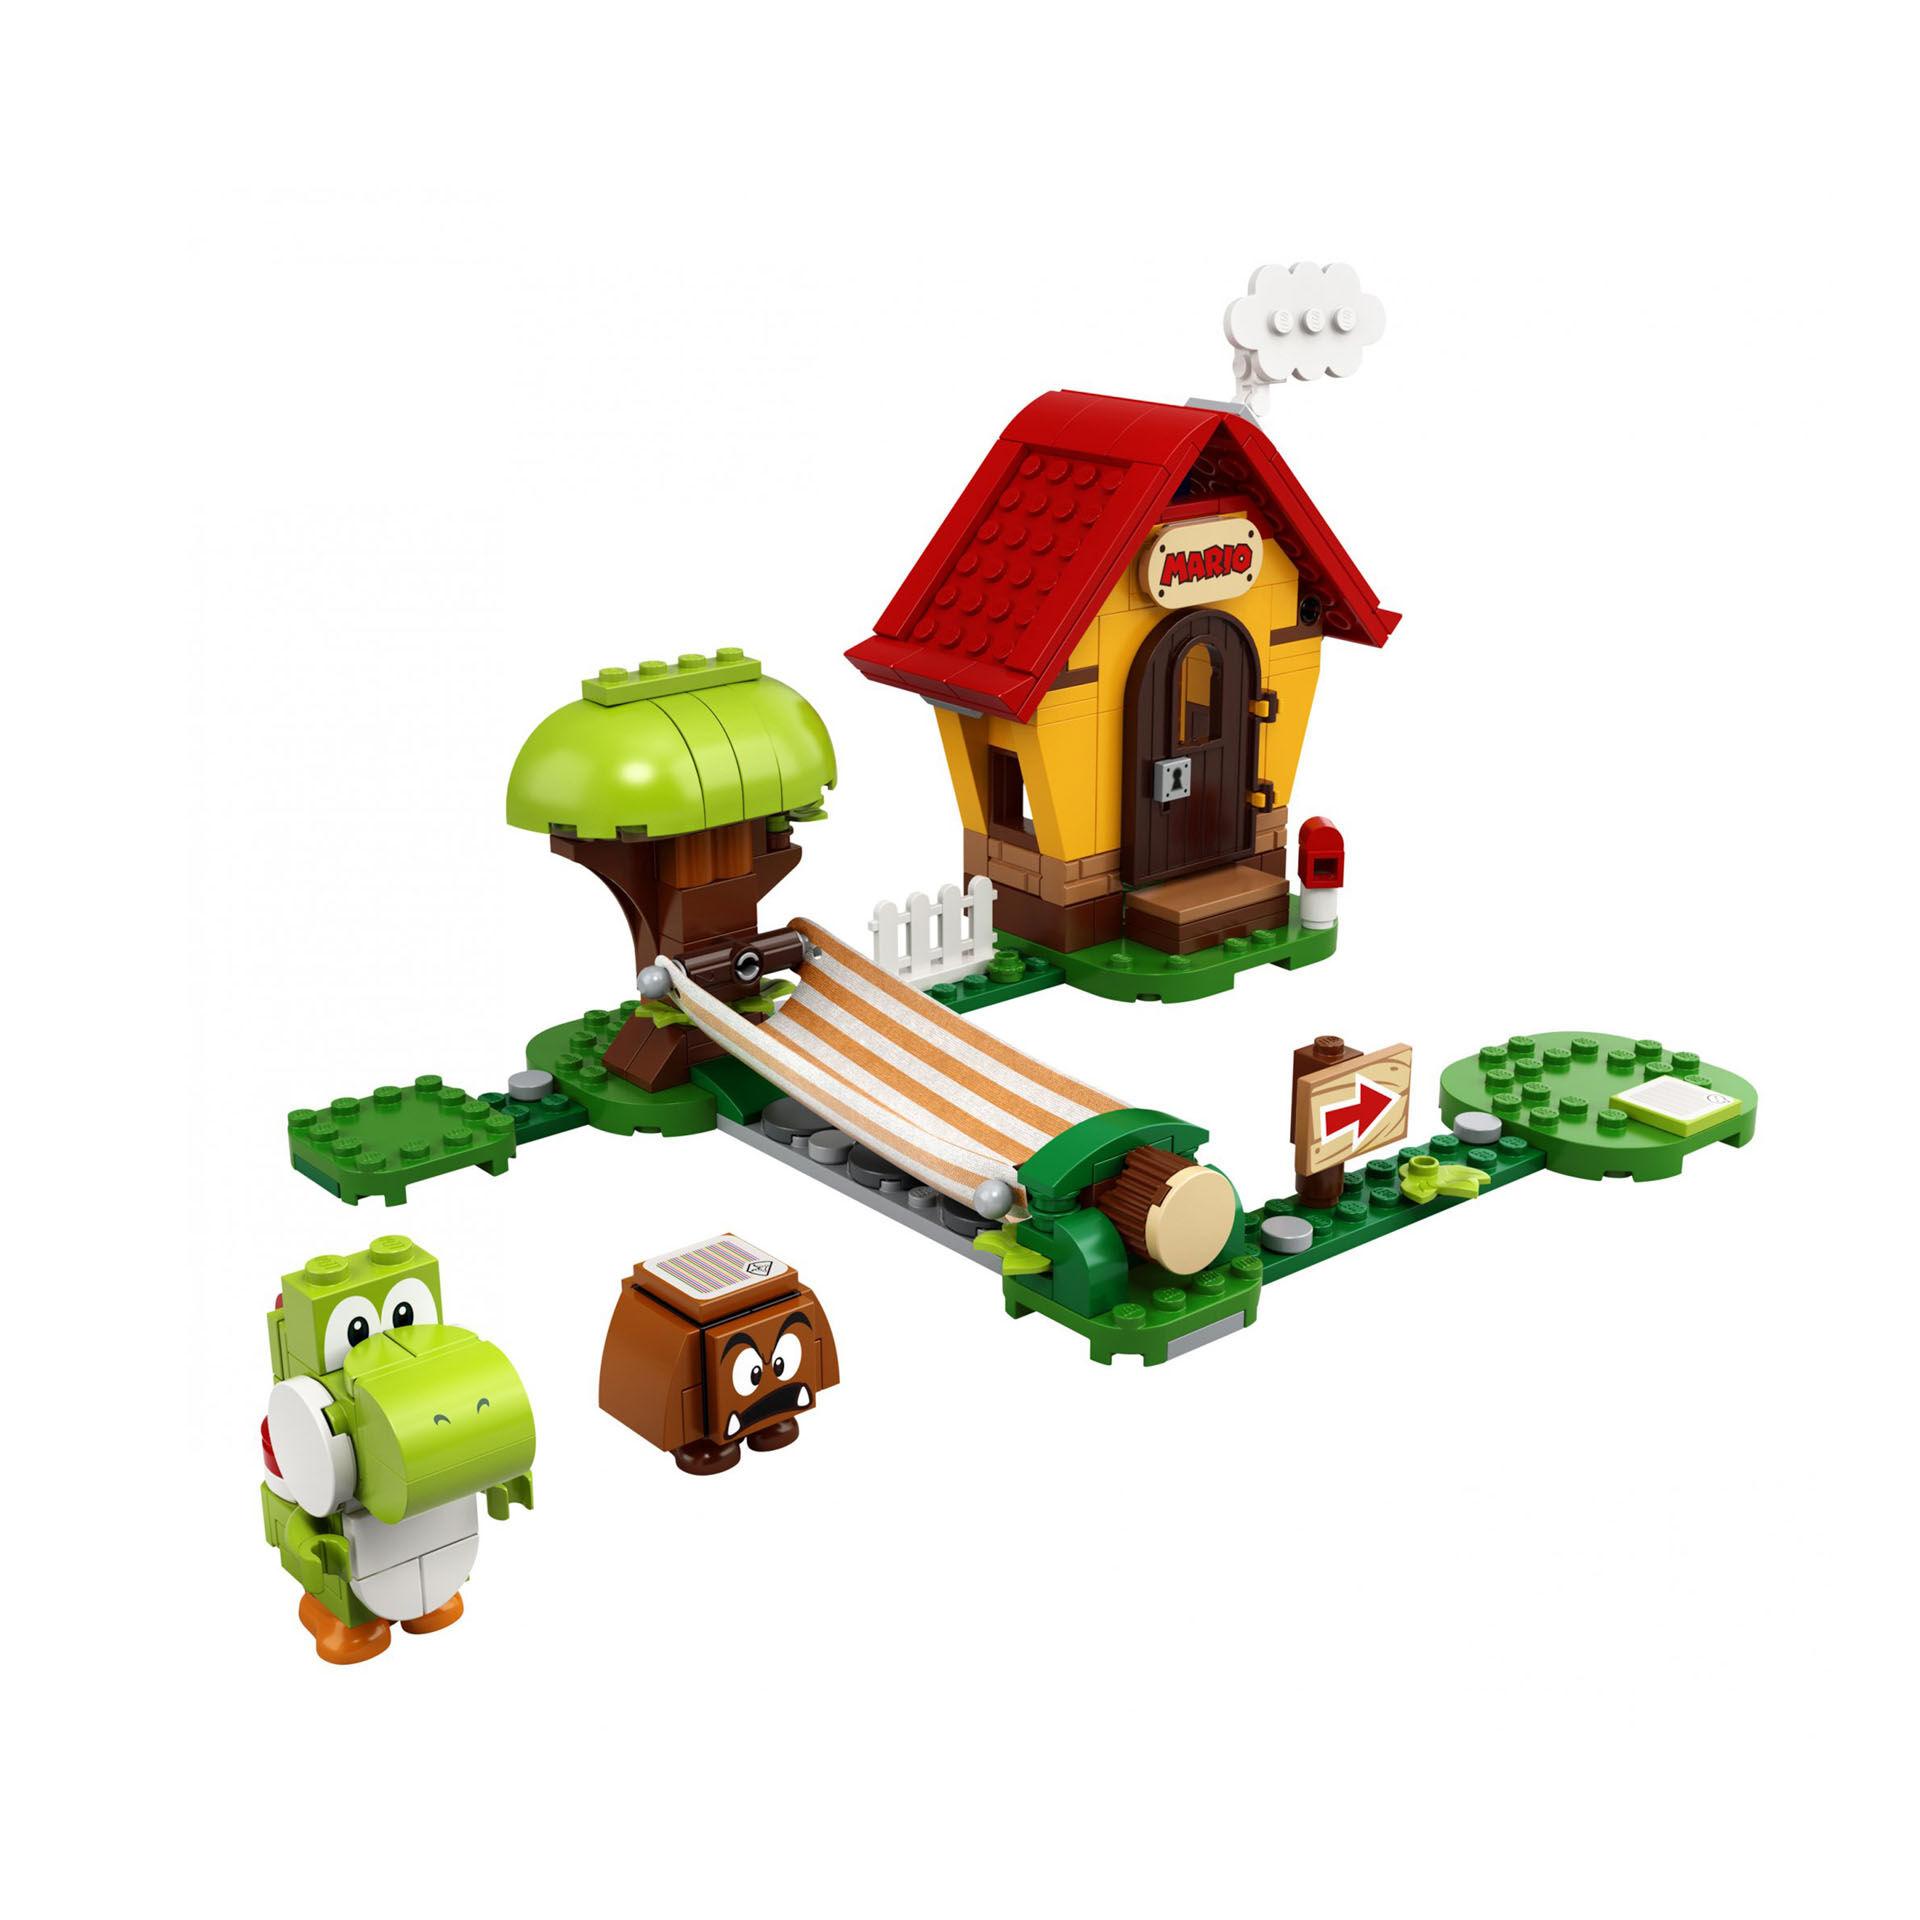 Ensemble d'extension La maison de Mario et Yoshi 71367, , large